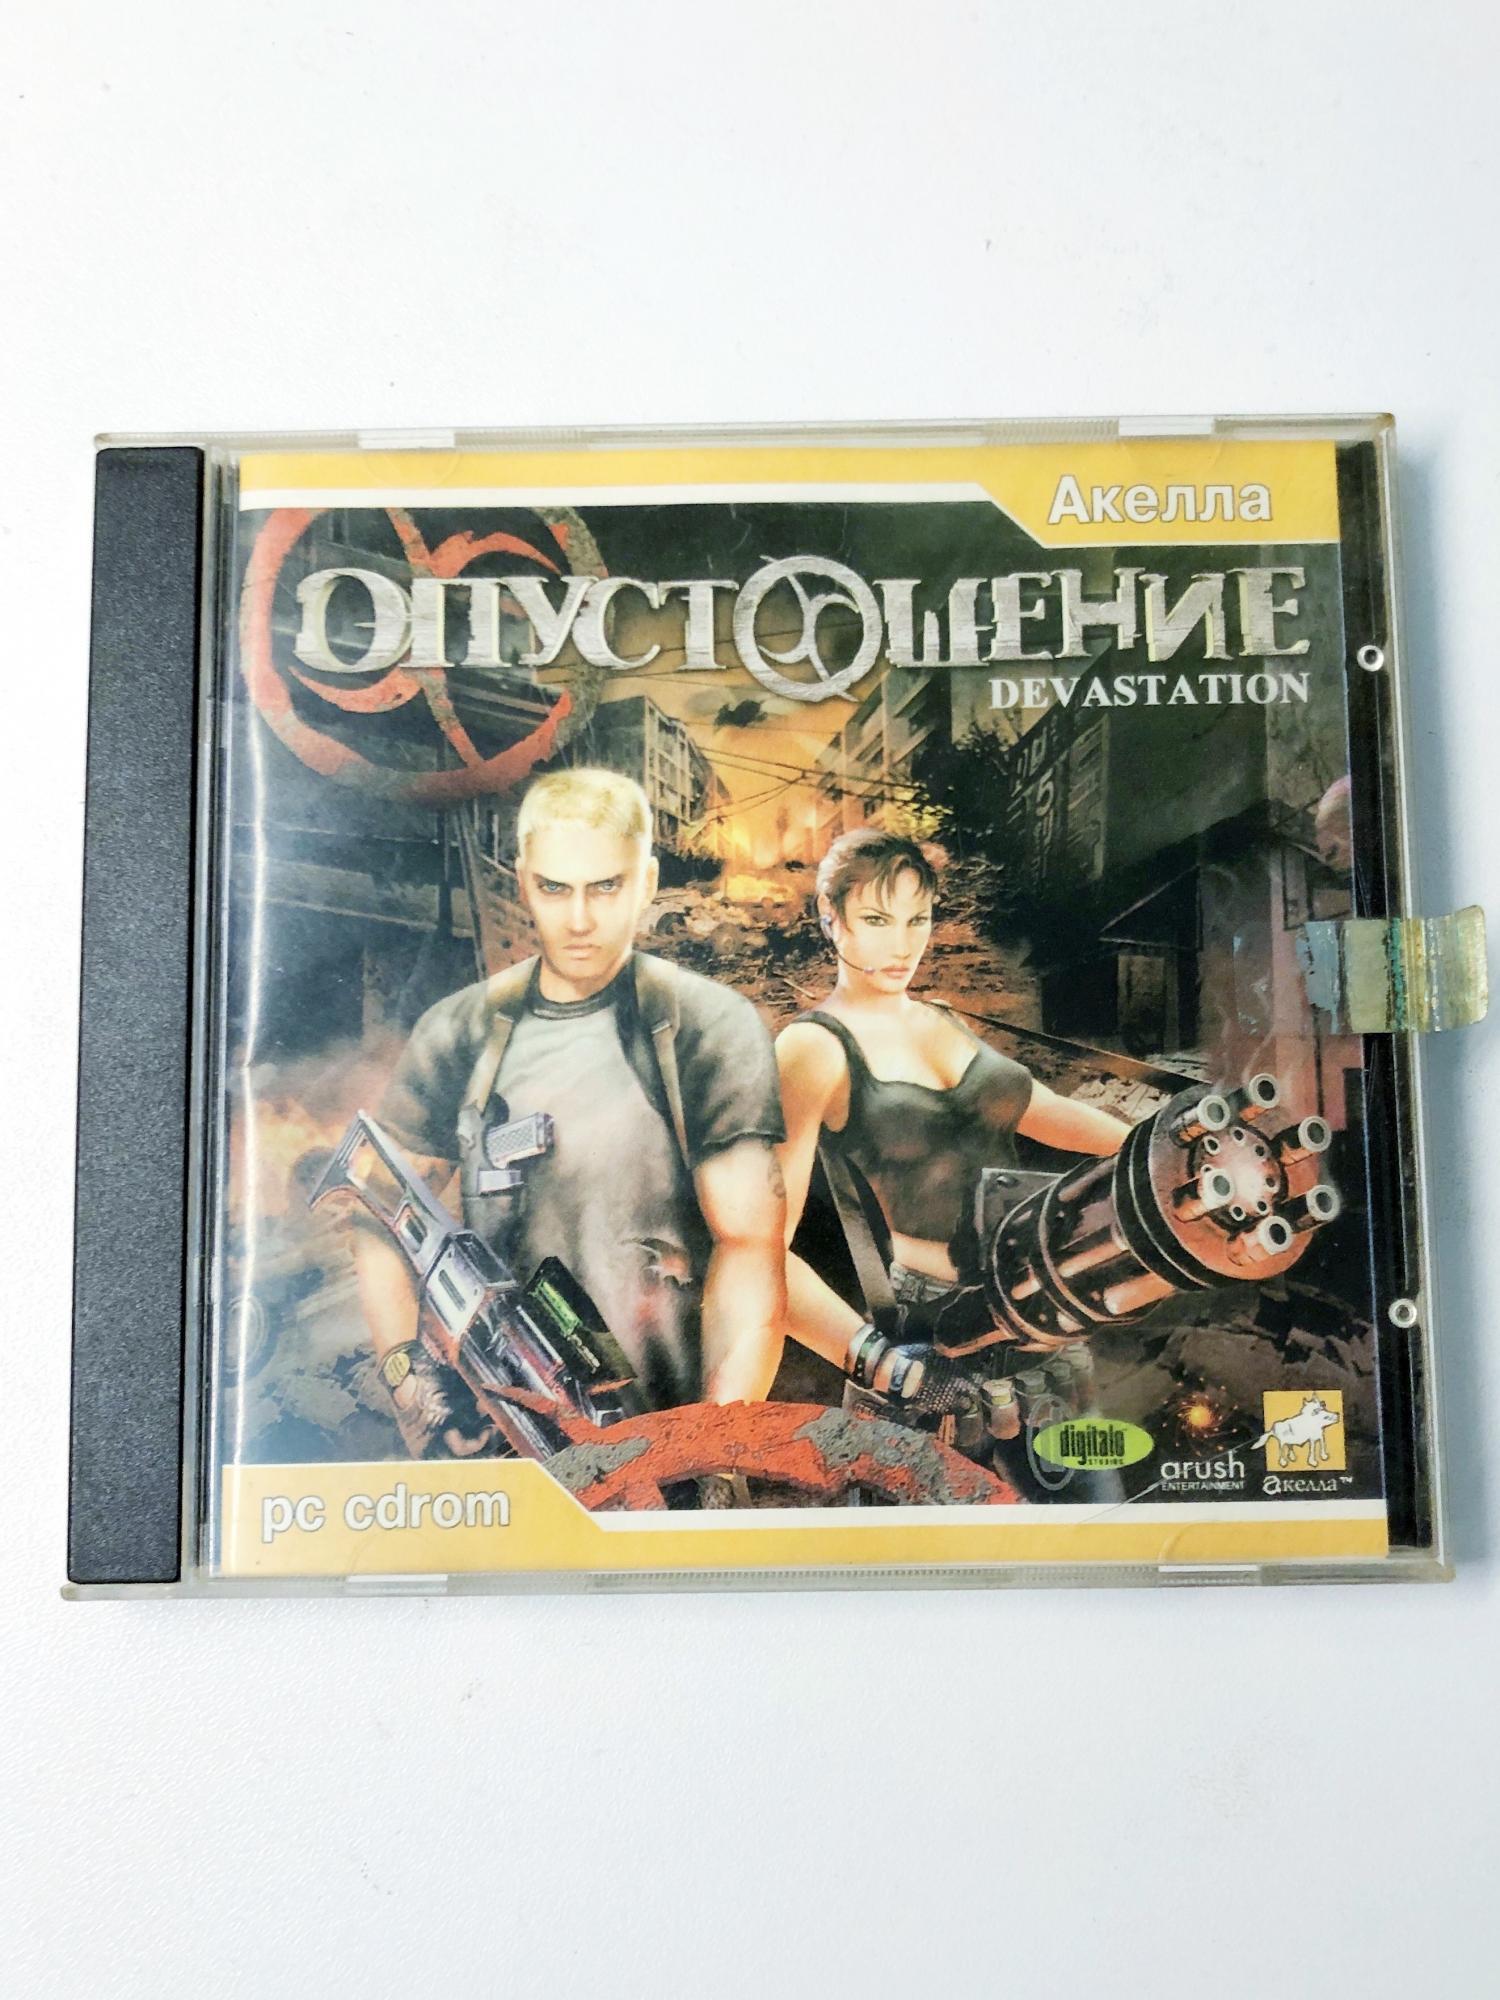 Игра в Москве 89998202833 купить 5